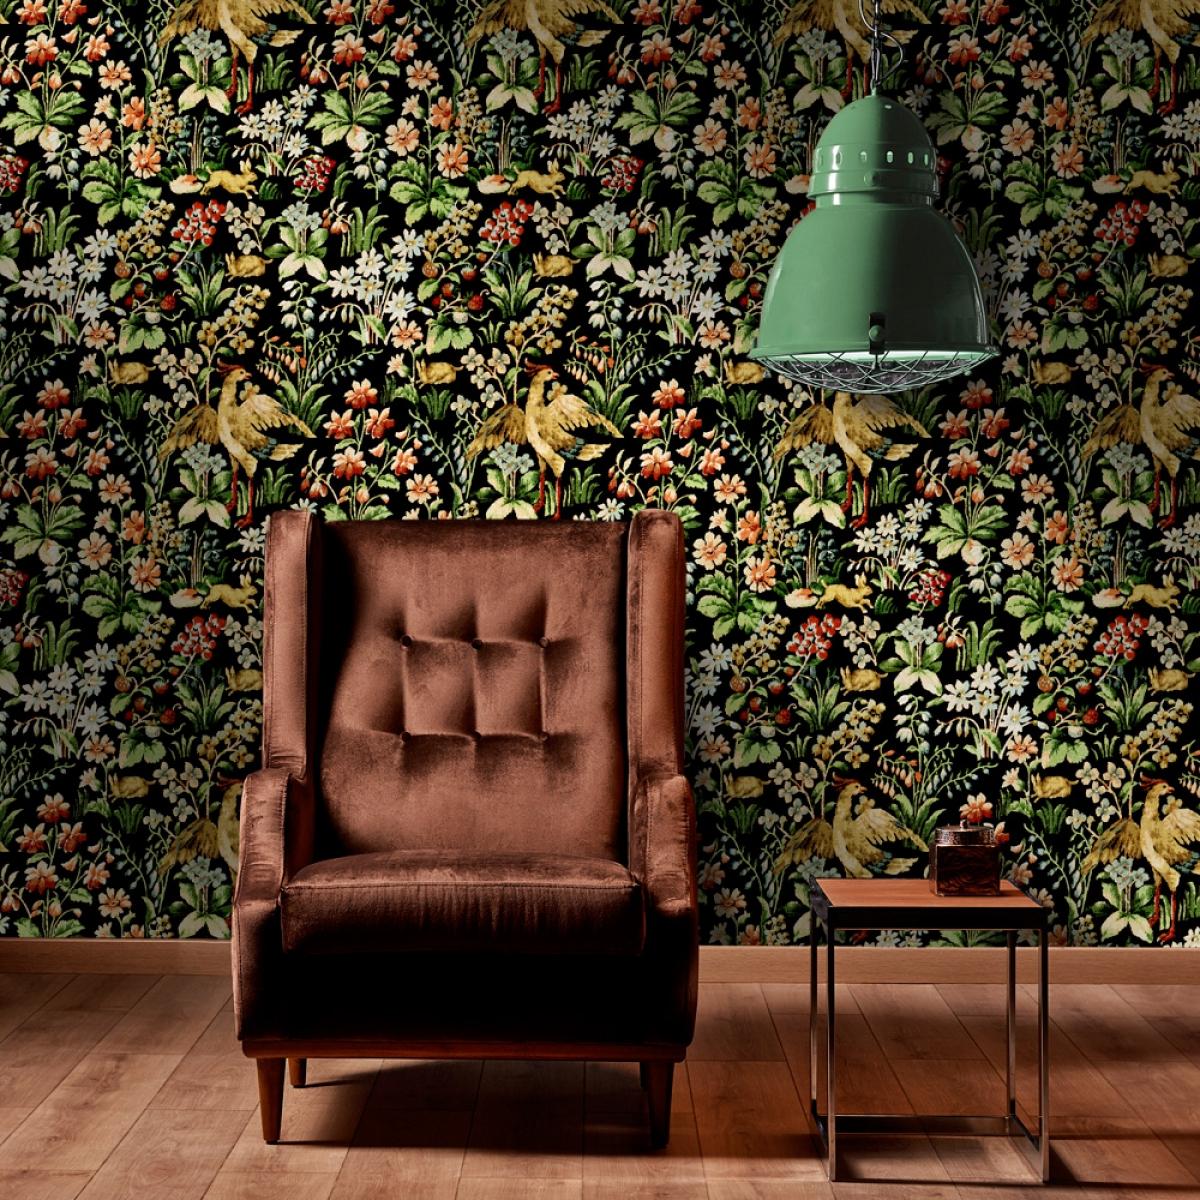 Tapet designer World Culture Floral Tapestry, MINDTHEGAP